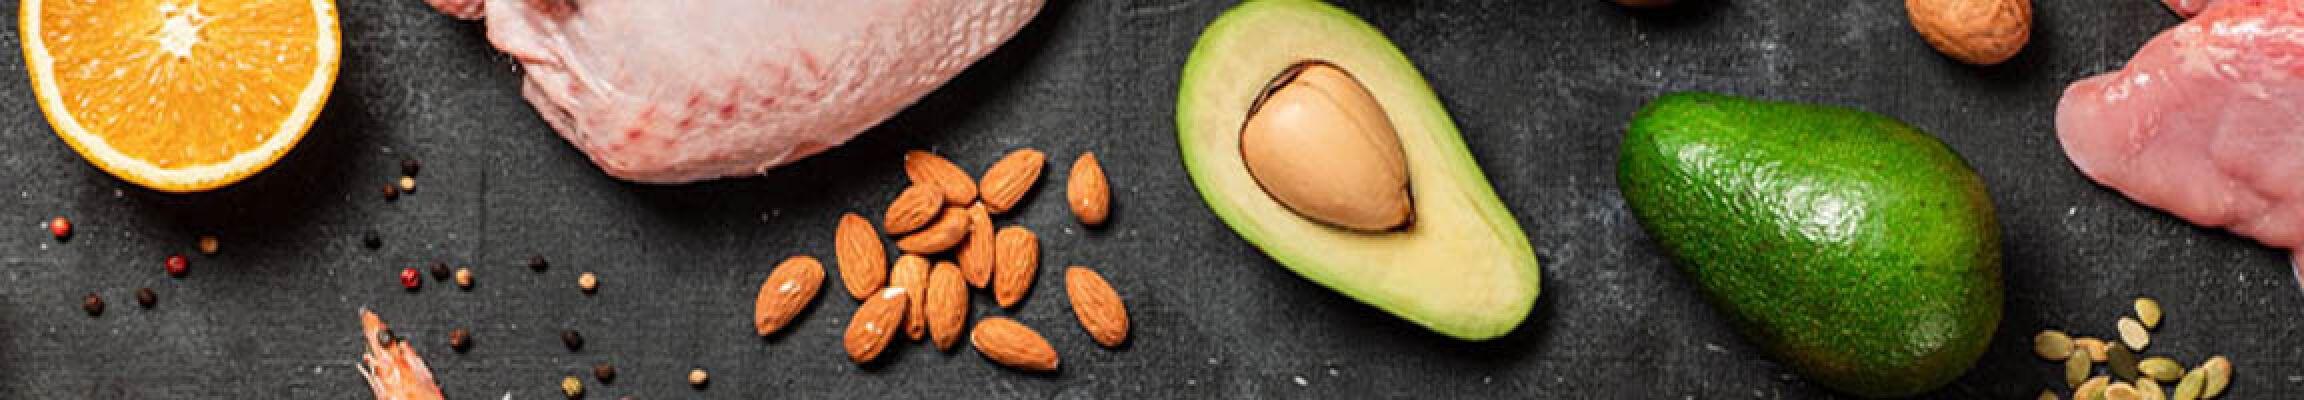 Paleo Diät Lebensmittel - Was wir lernen sollten